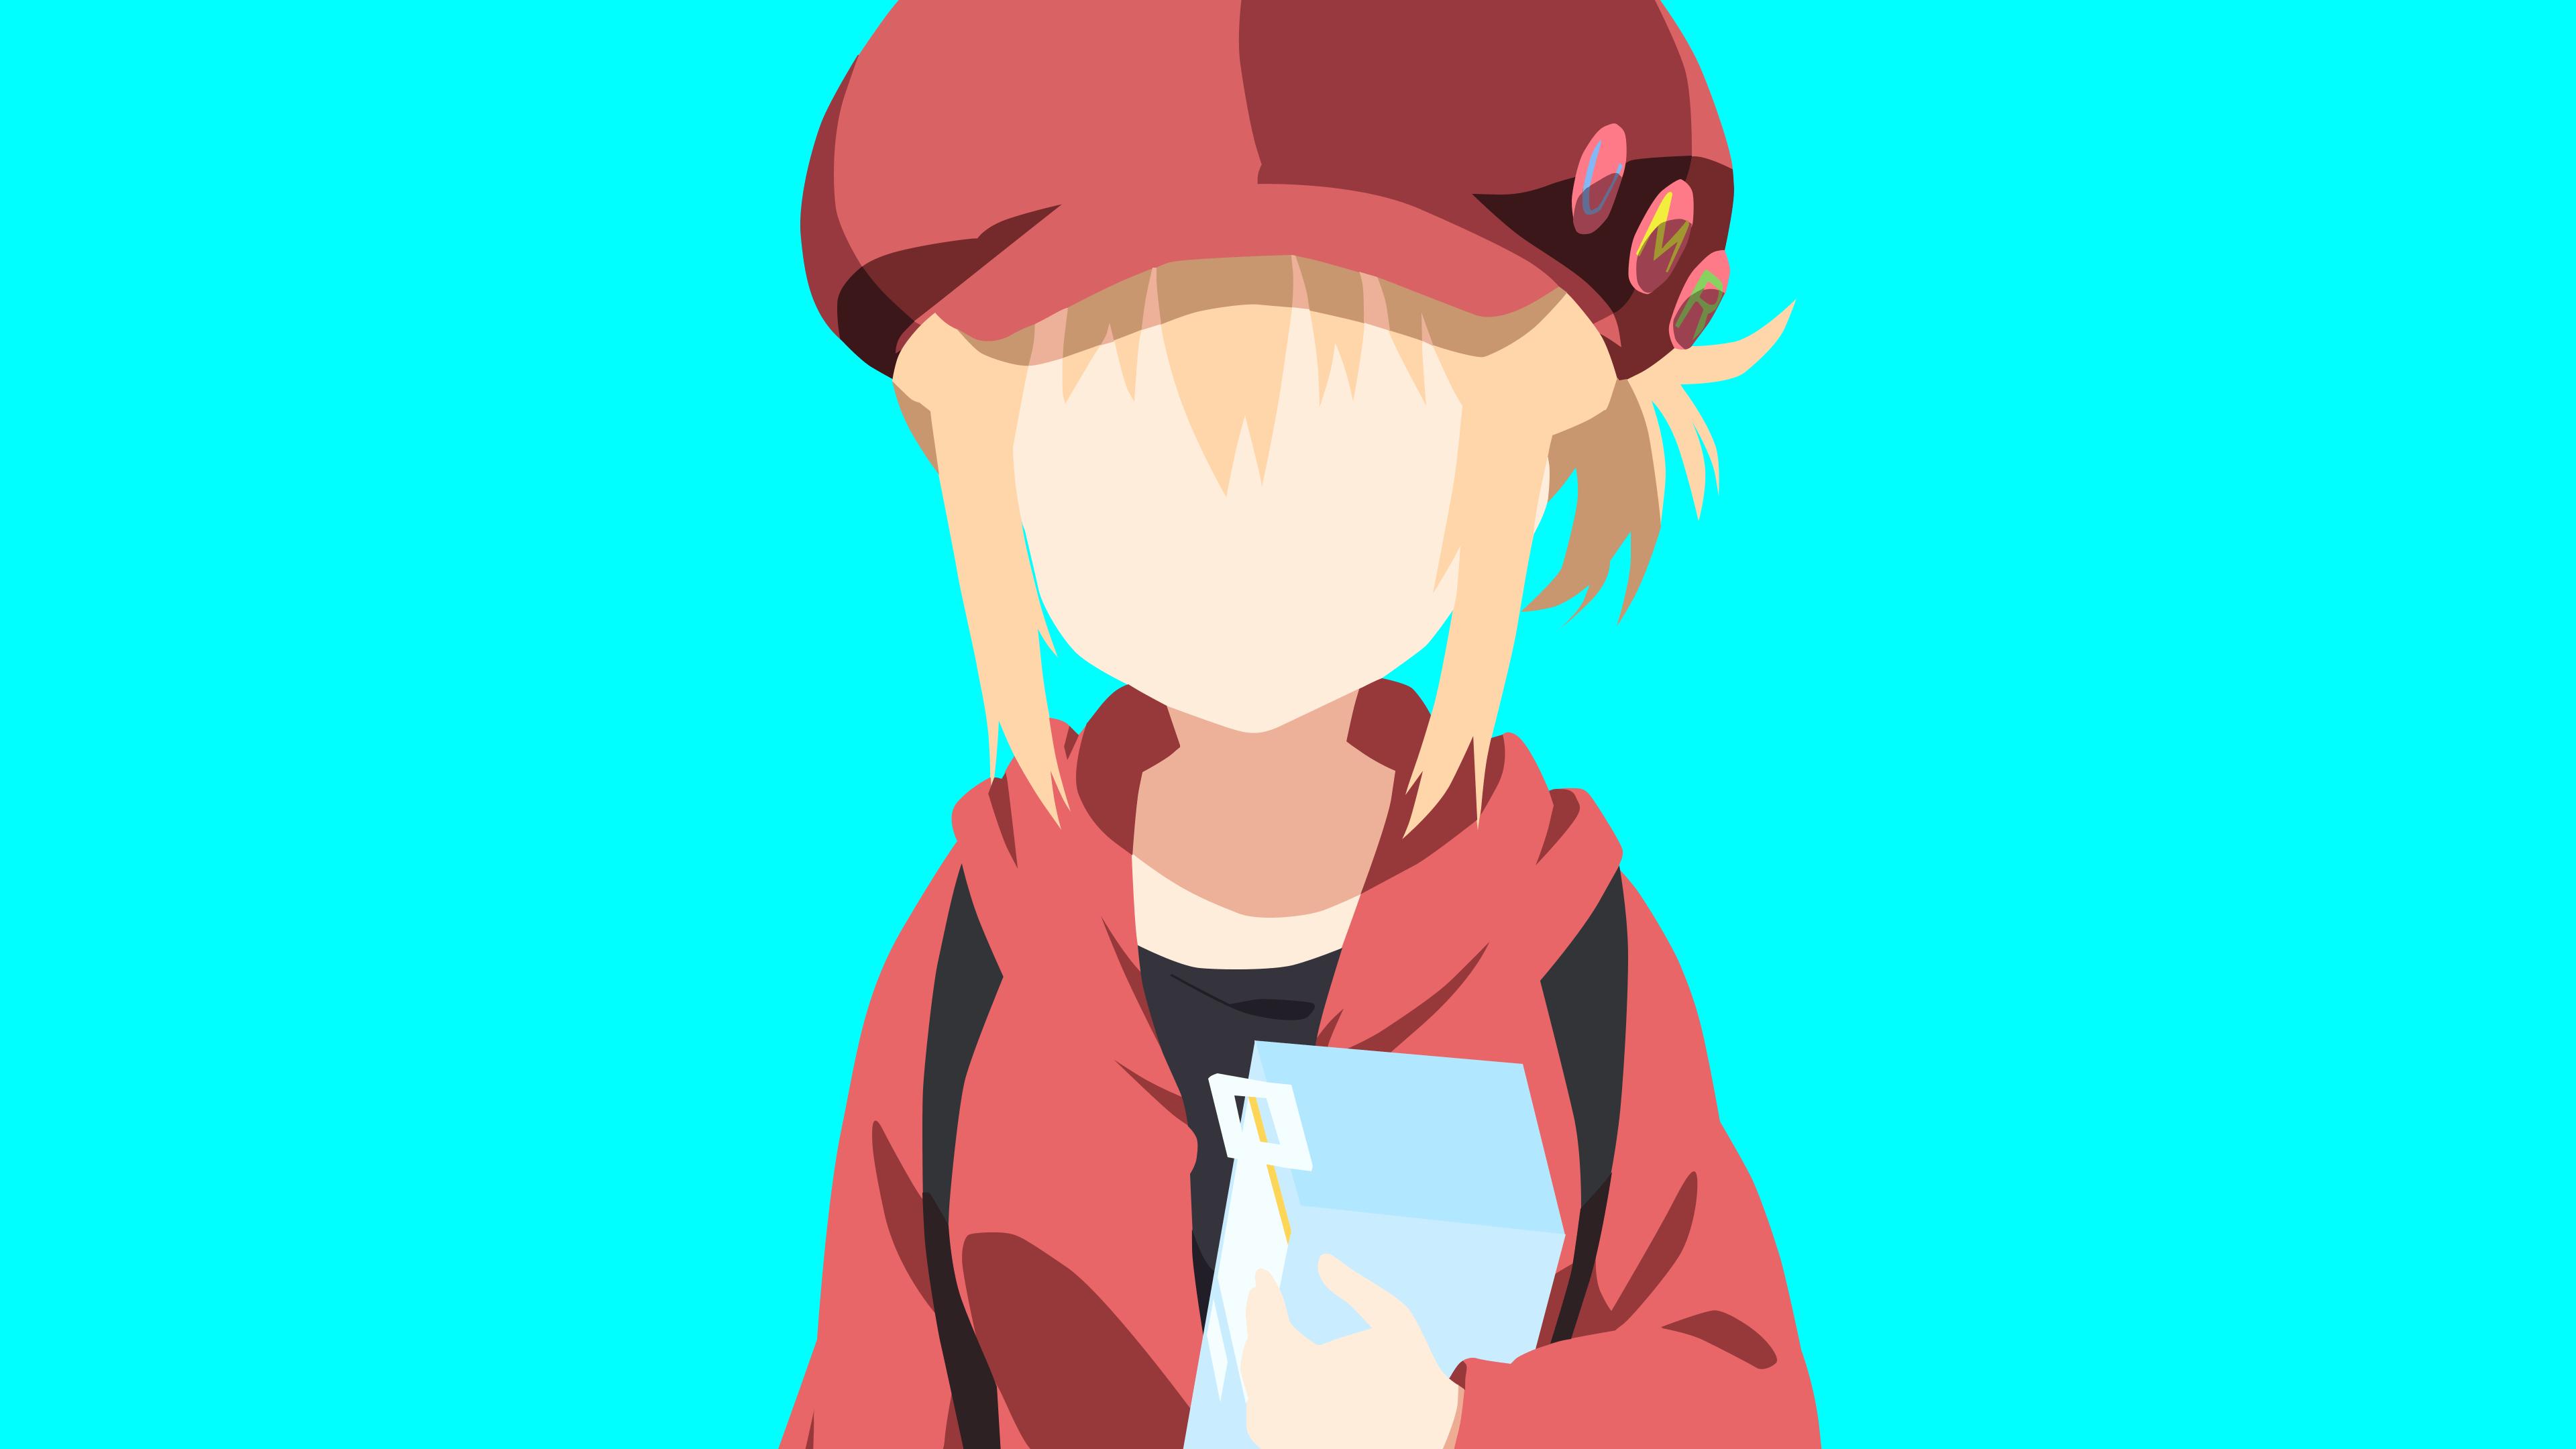 umaru doma android